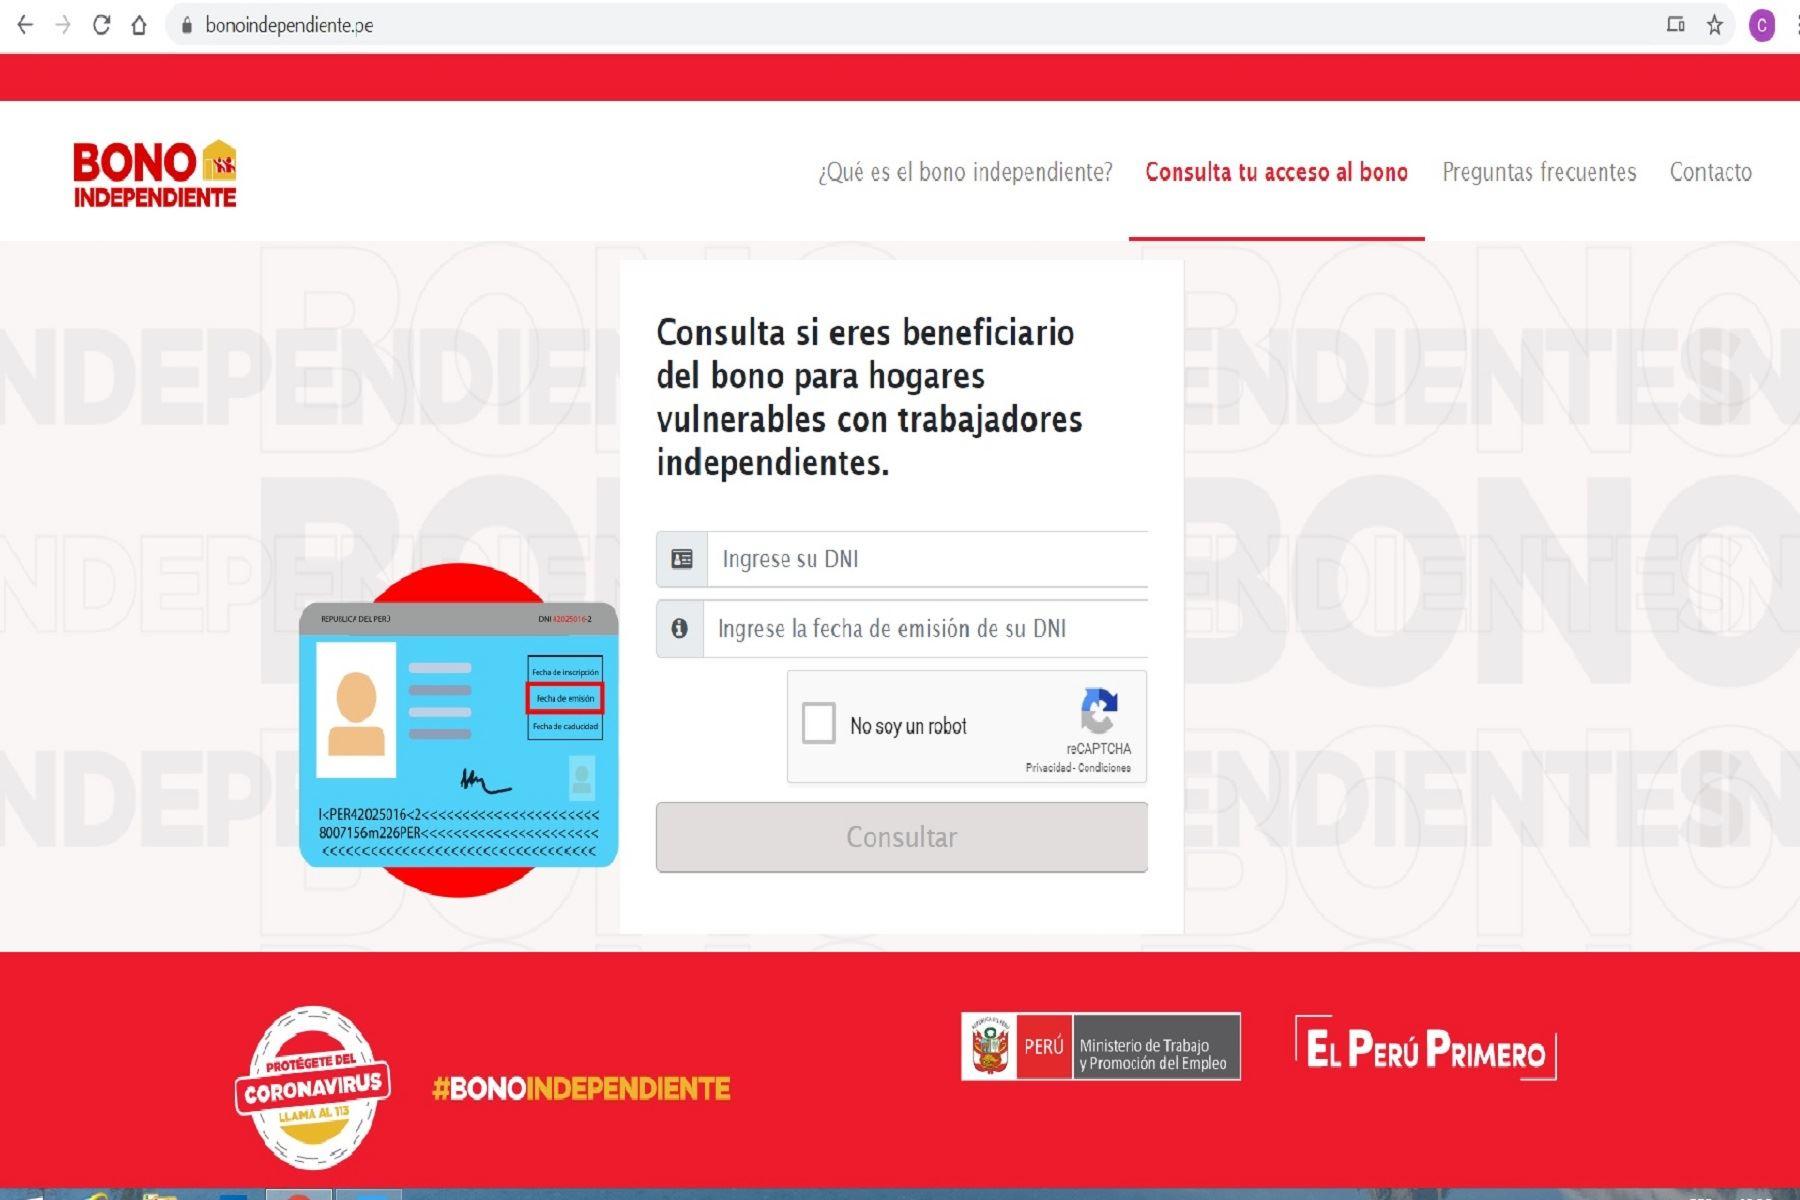 Página web: Bono independiente.